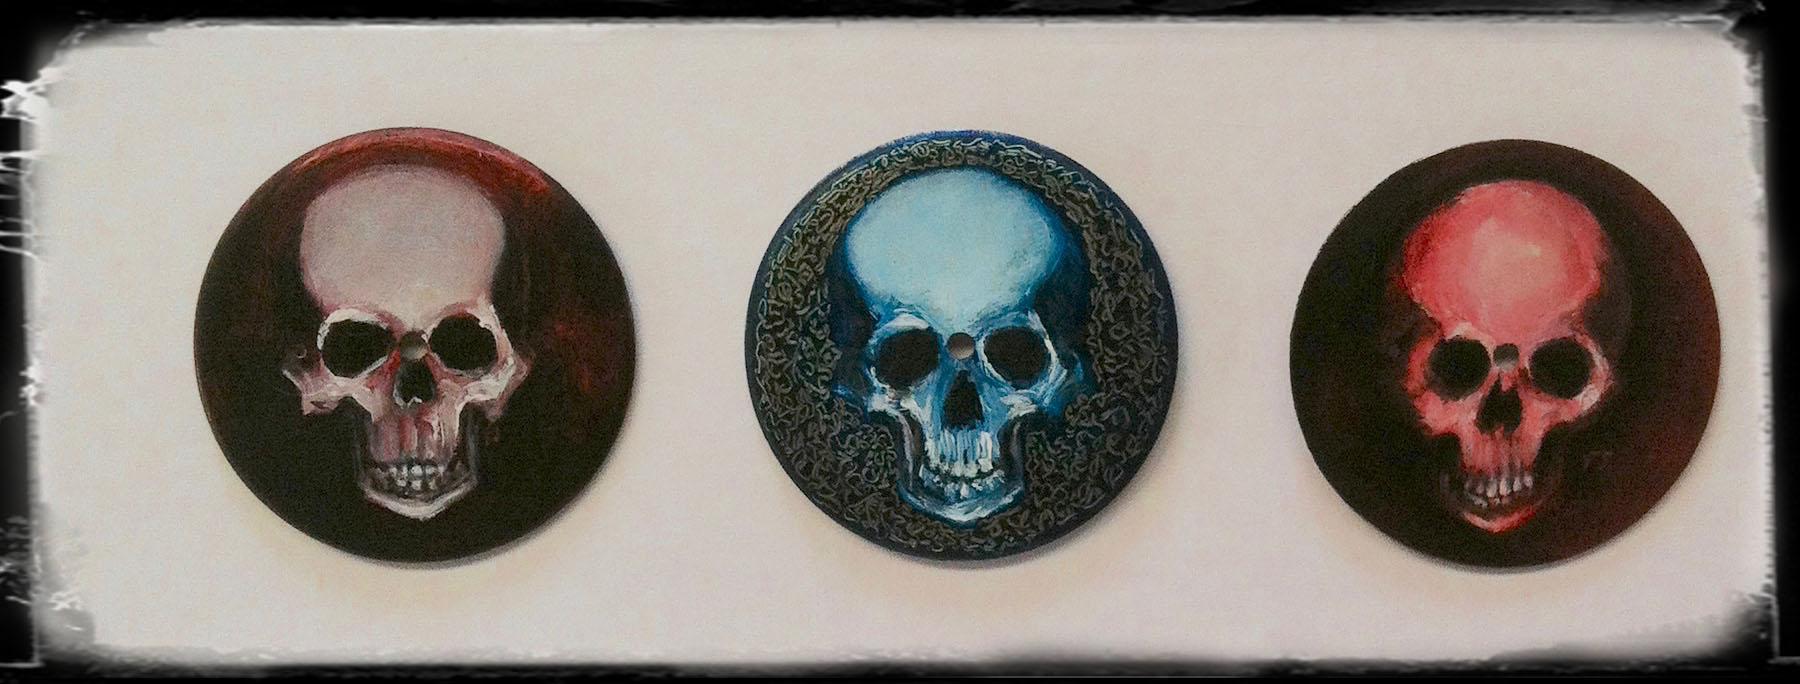 timothy-john-dark-triumph-3-skull-dials.jpg